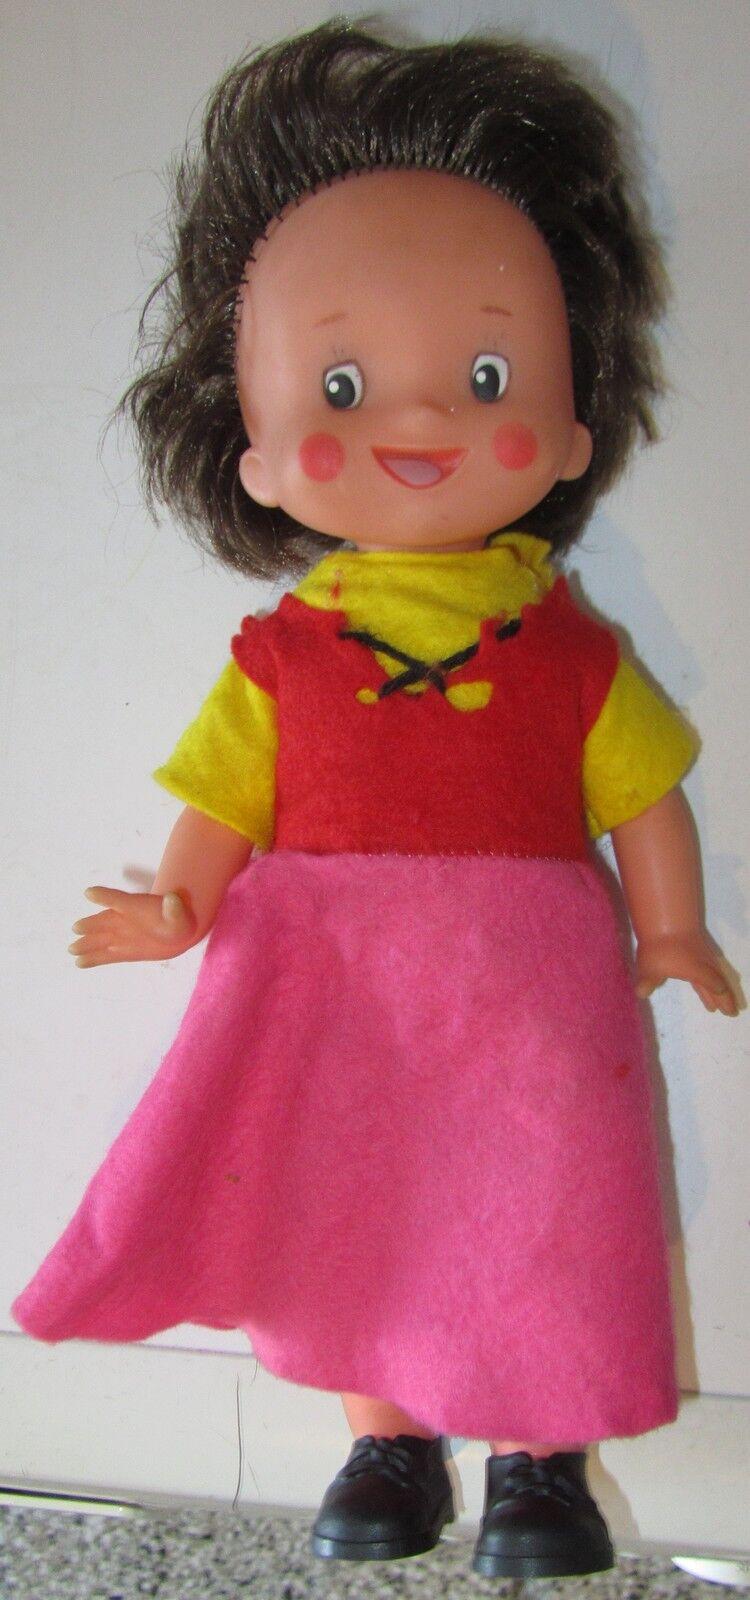 Famosa Bambola Heidi SPESE GRATIS GRATIS GRATIS 058337